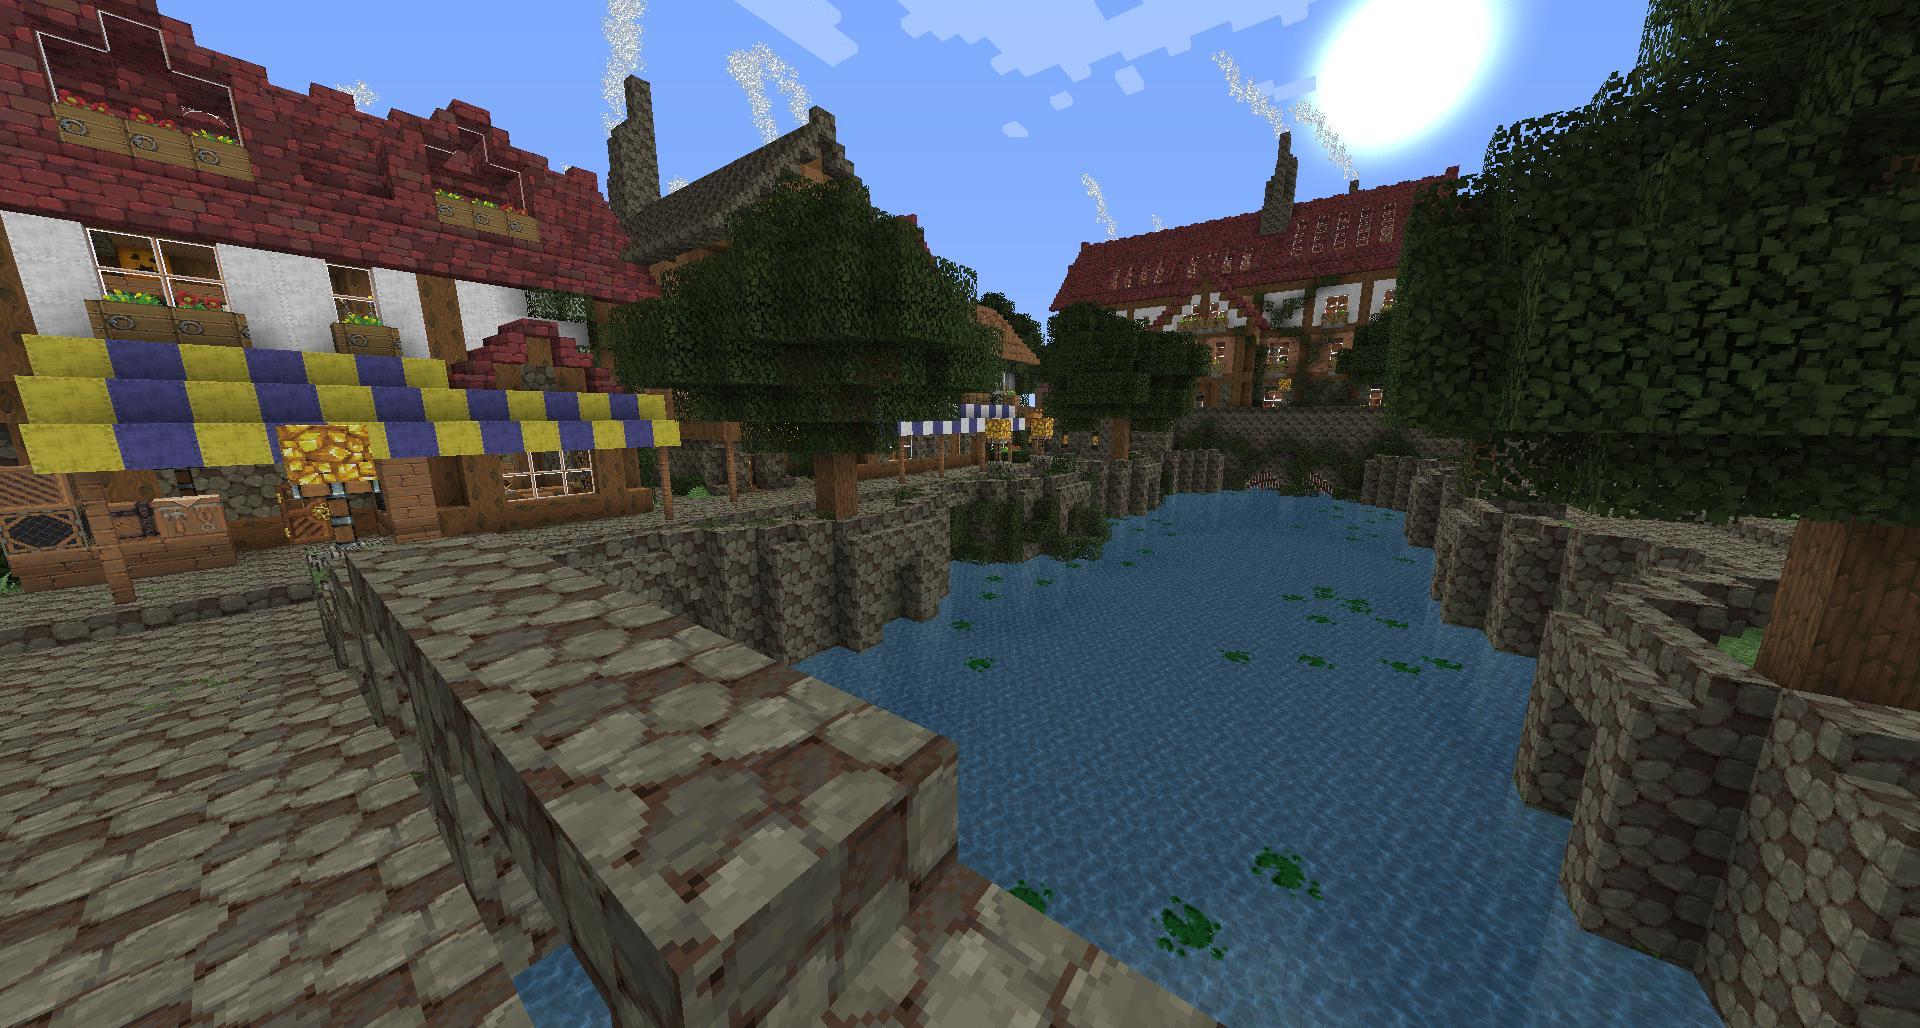 Minecraft Texture Minecraft : DustyCraft (1.6.4)